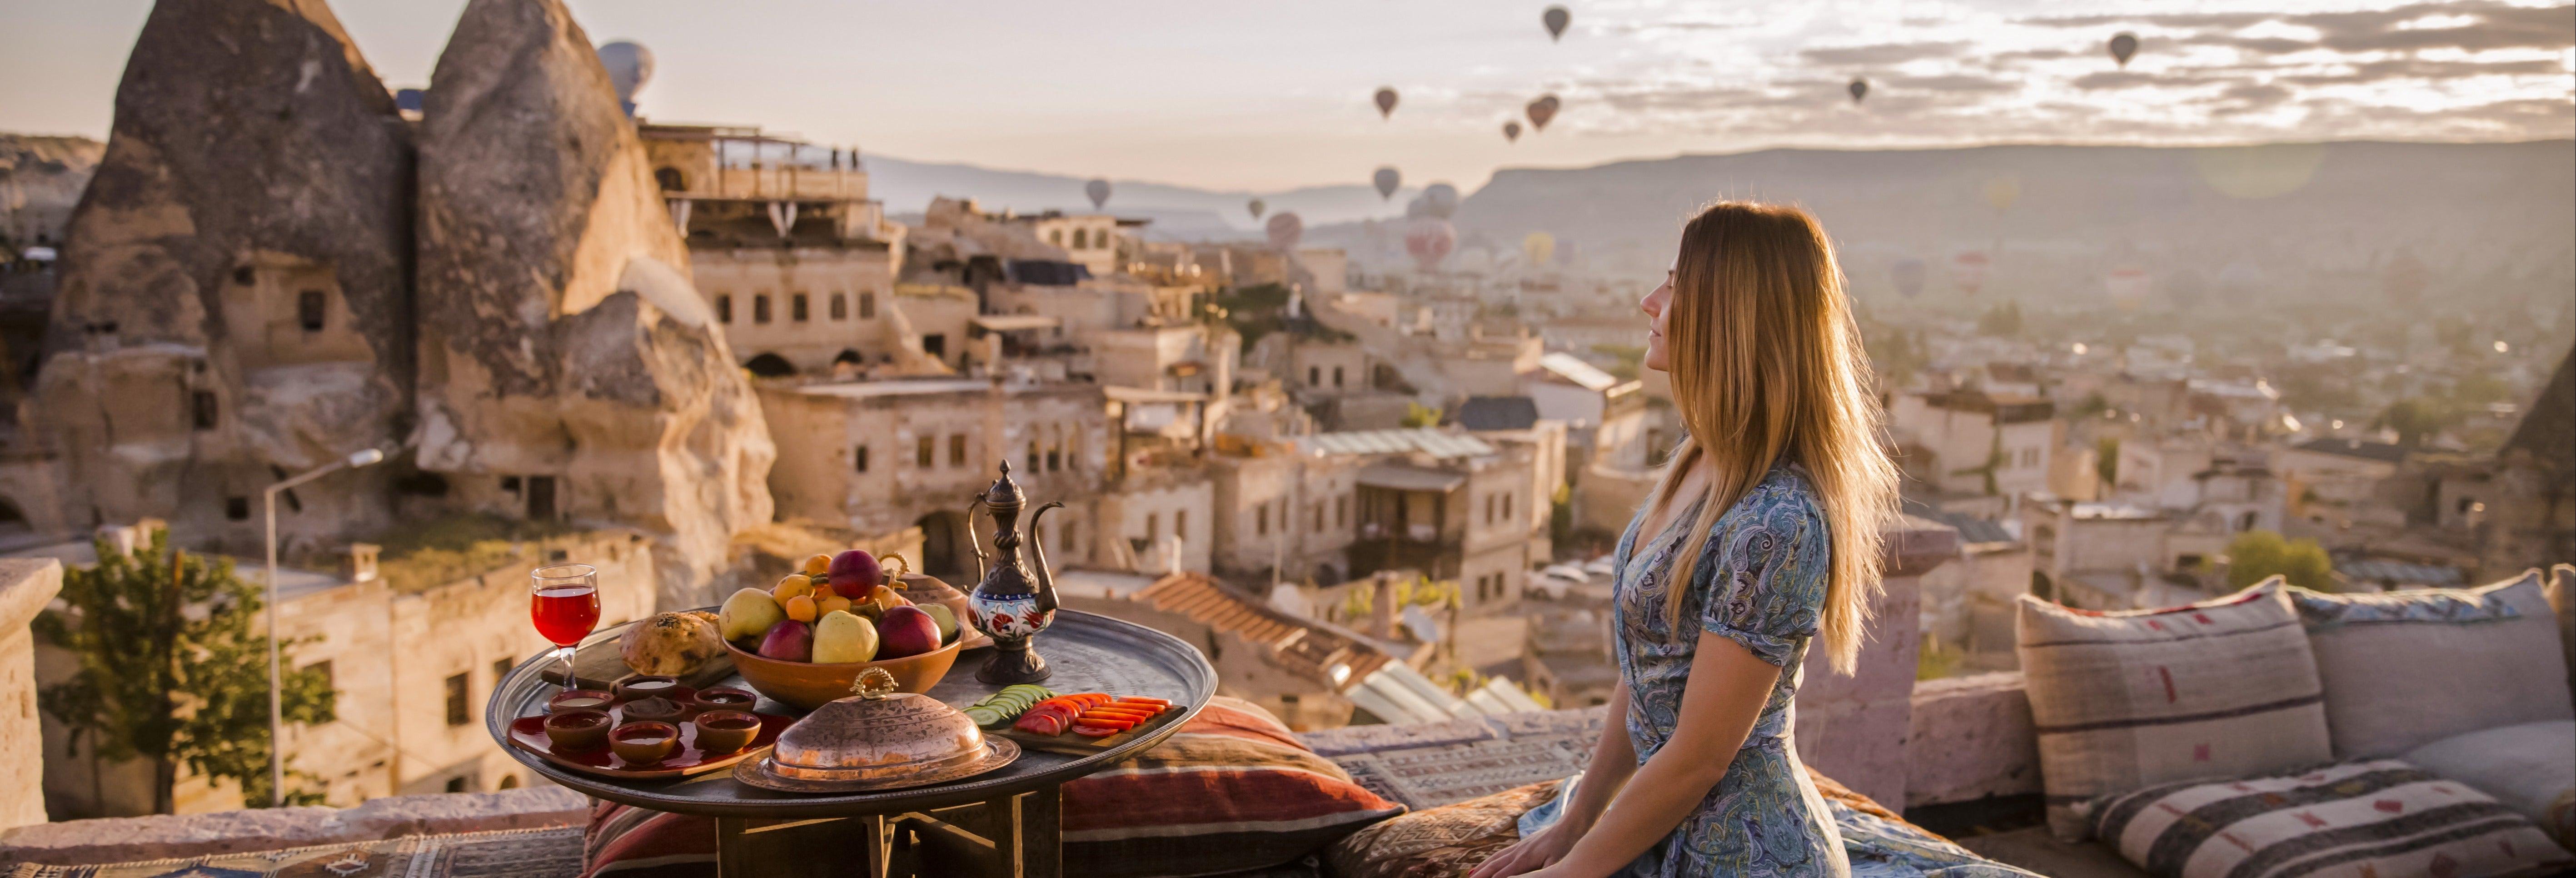 Cappadocia, Pamukkale and Ephesus 6-Day Trip